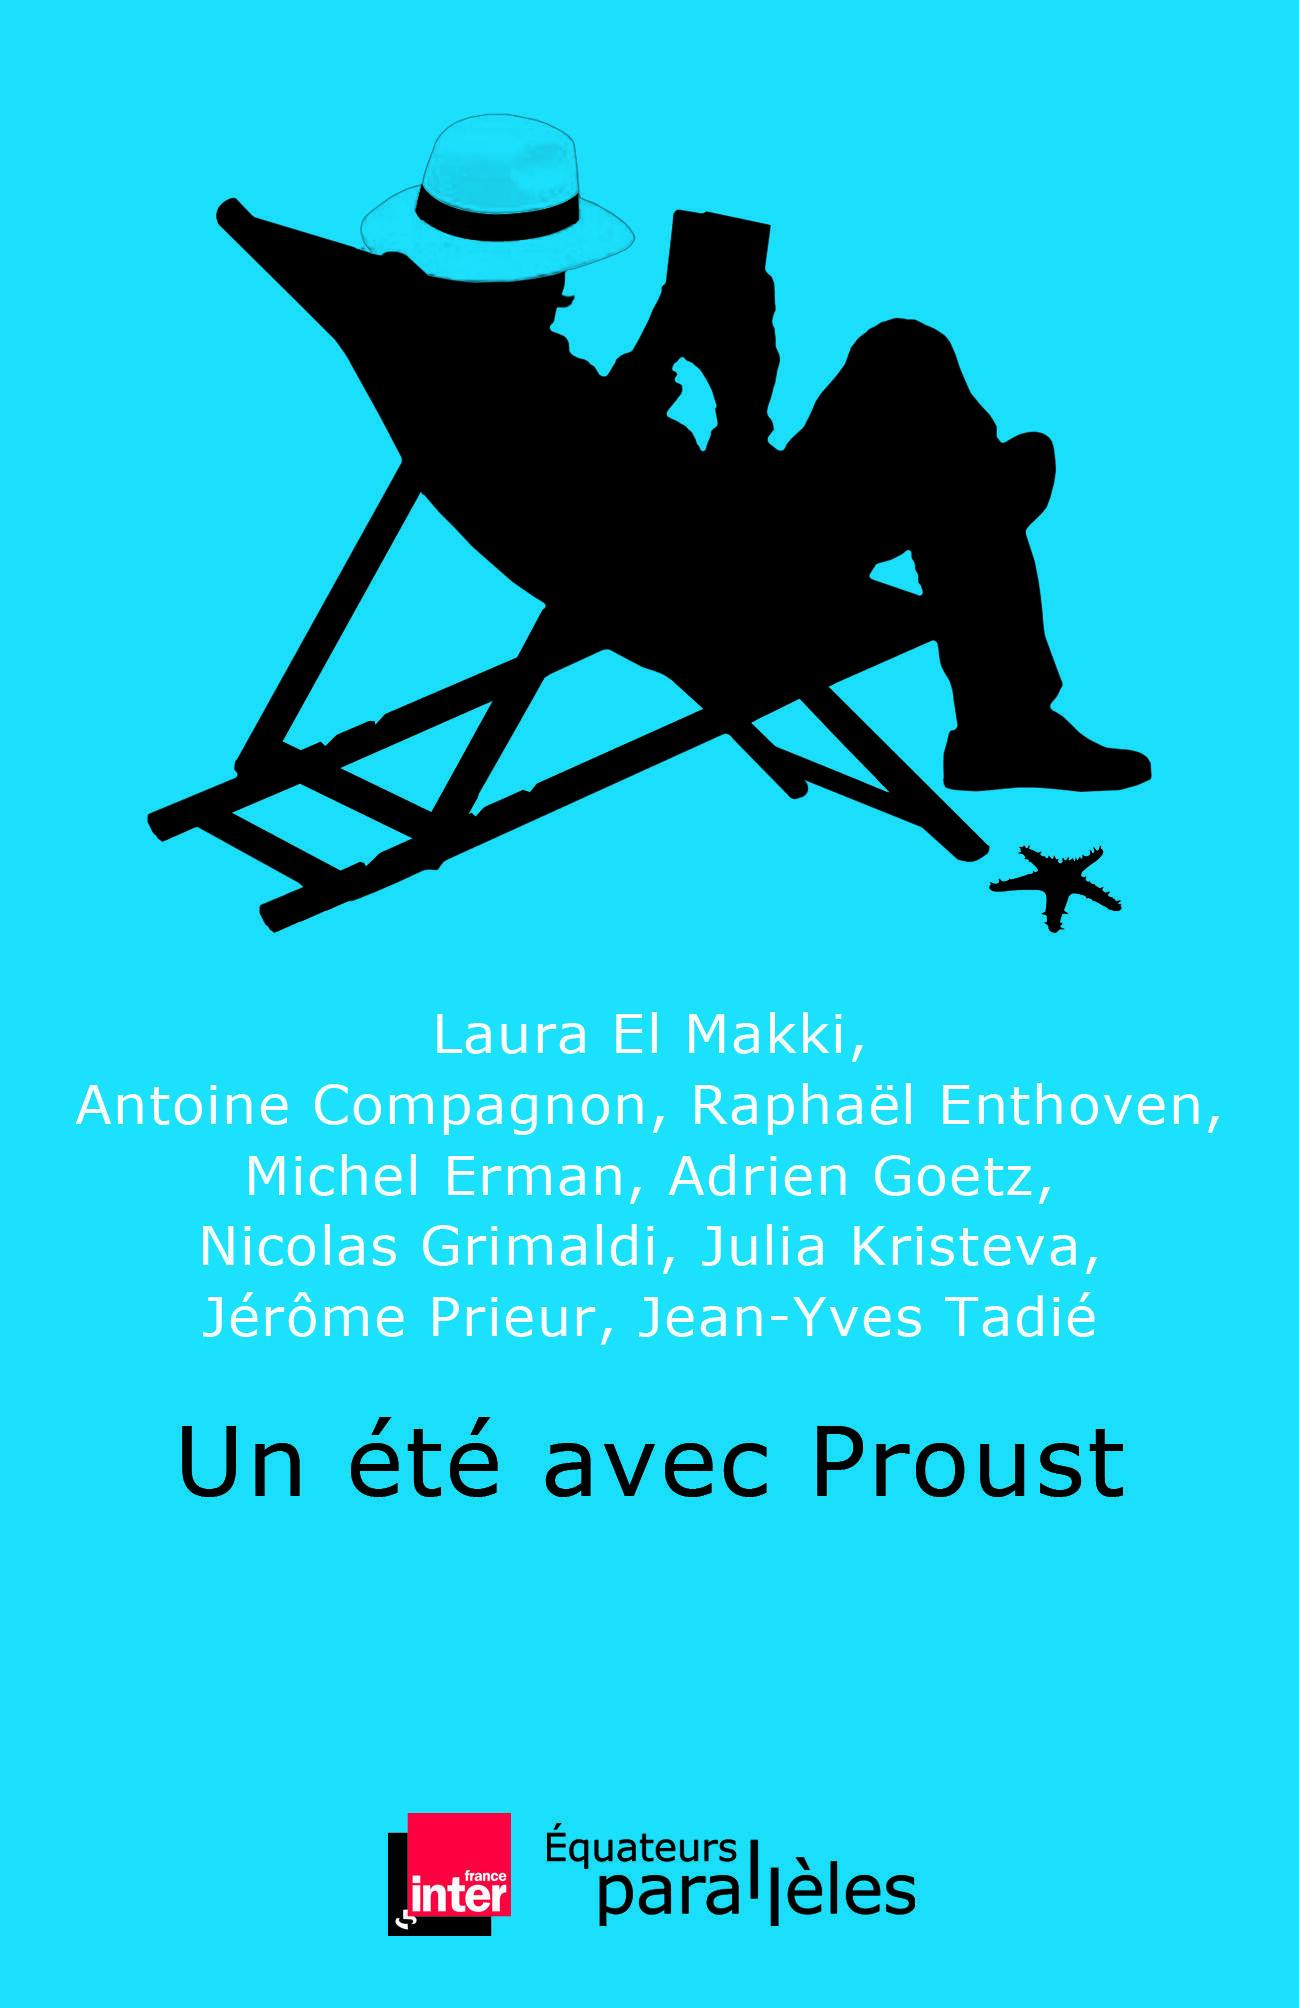 法國赤道出版社(Equateurs)推出夏日閱讀系列